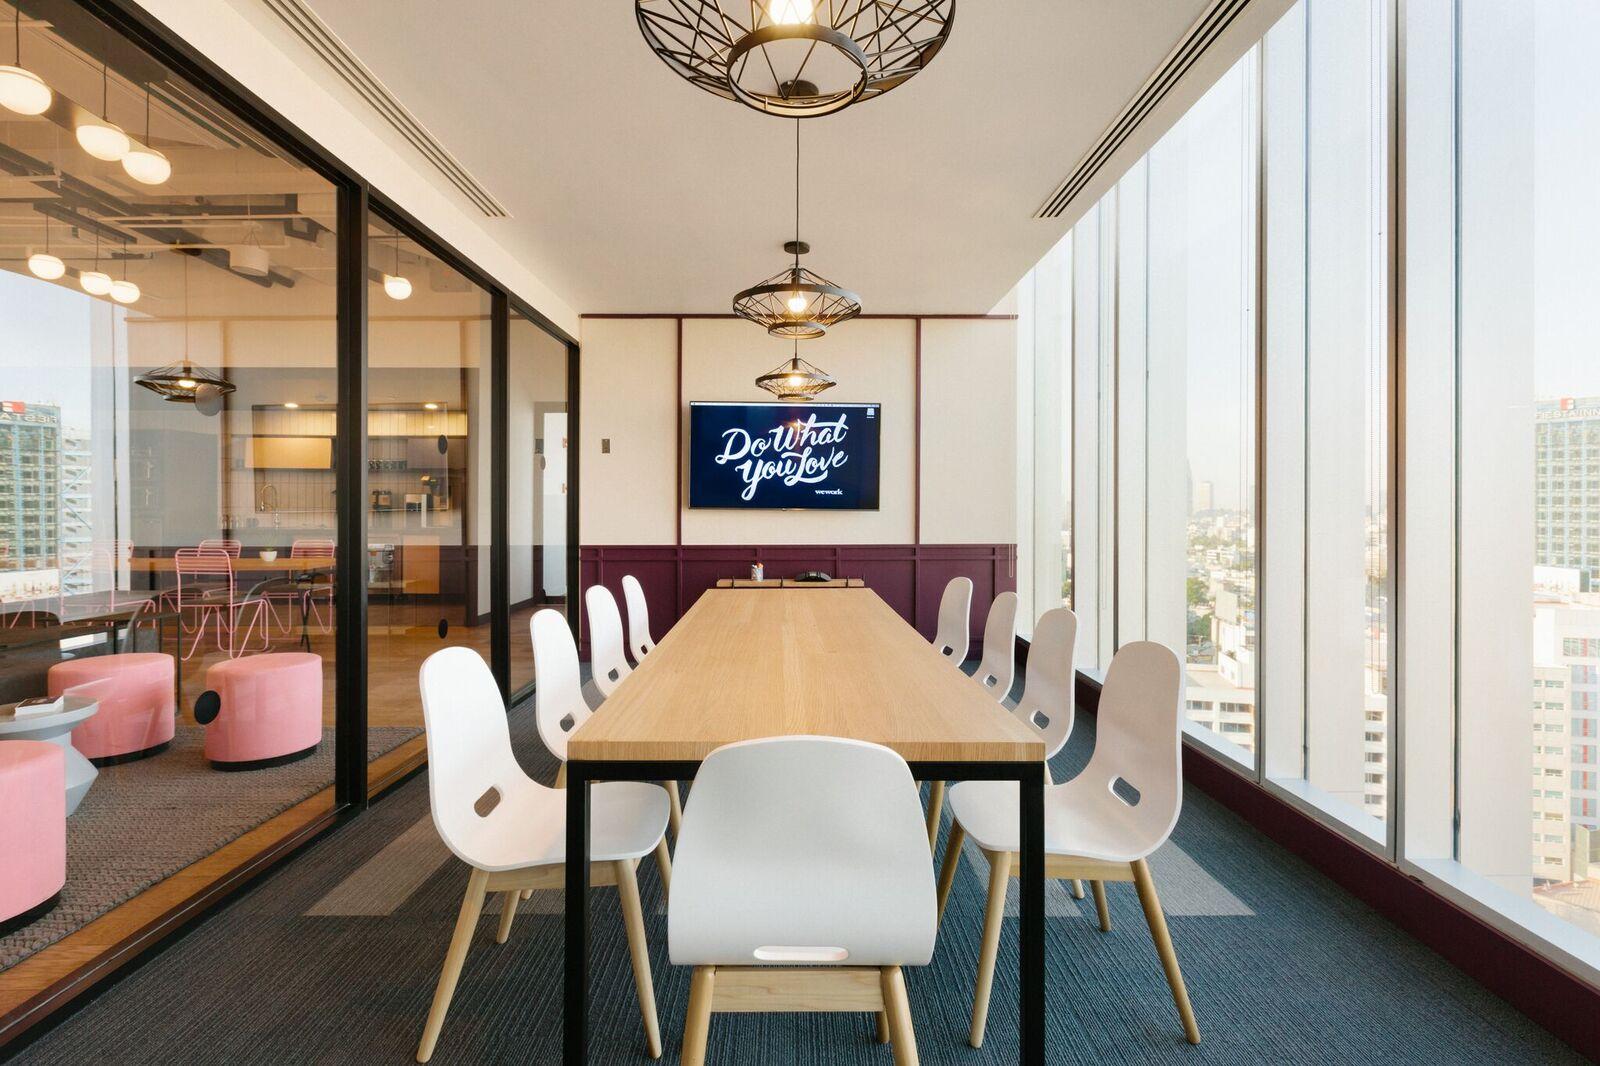 Rozwiązanie, pozwalające na stały networking i często bardzo kreatywne spotkania we wspólnej części biur co-workingowych na świecie, praktykuje coraz więcej firm - m.in. HSBC, Deloitte, Microsoft oraz Adidas. (Fot. WeWork)